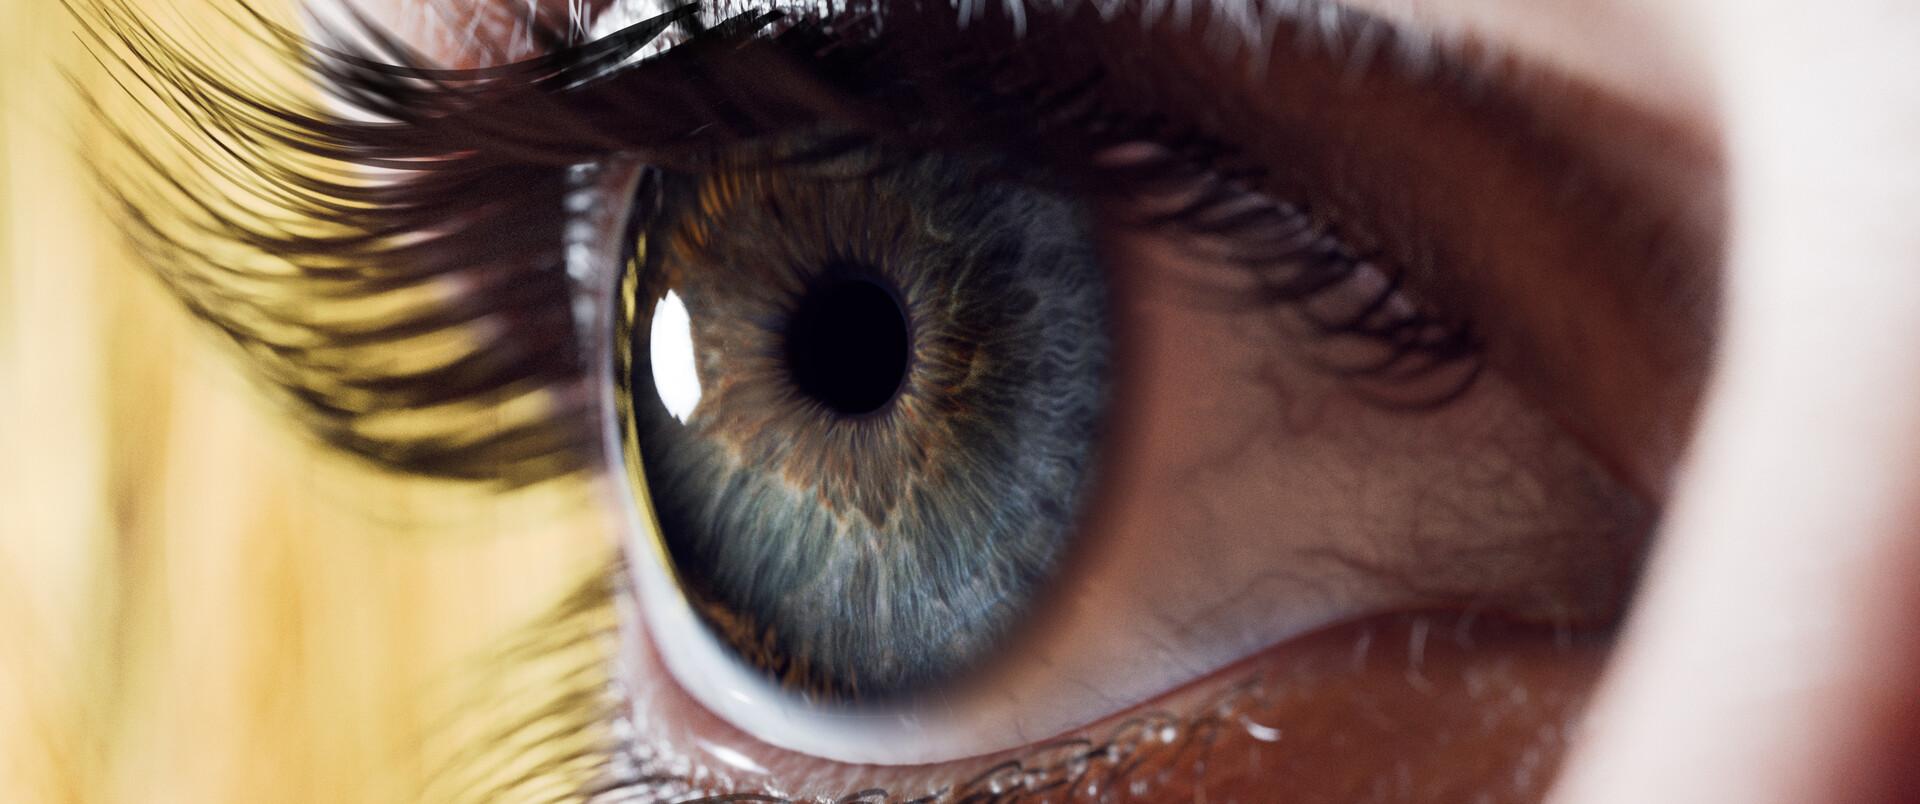 Abdelrahman kubisi eye closeup 01b